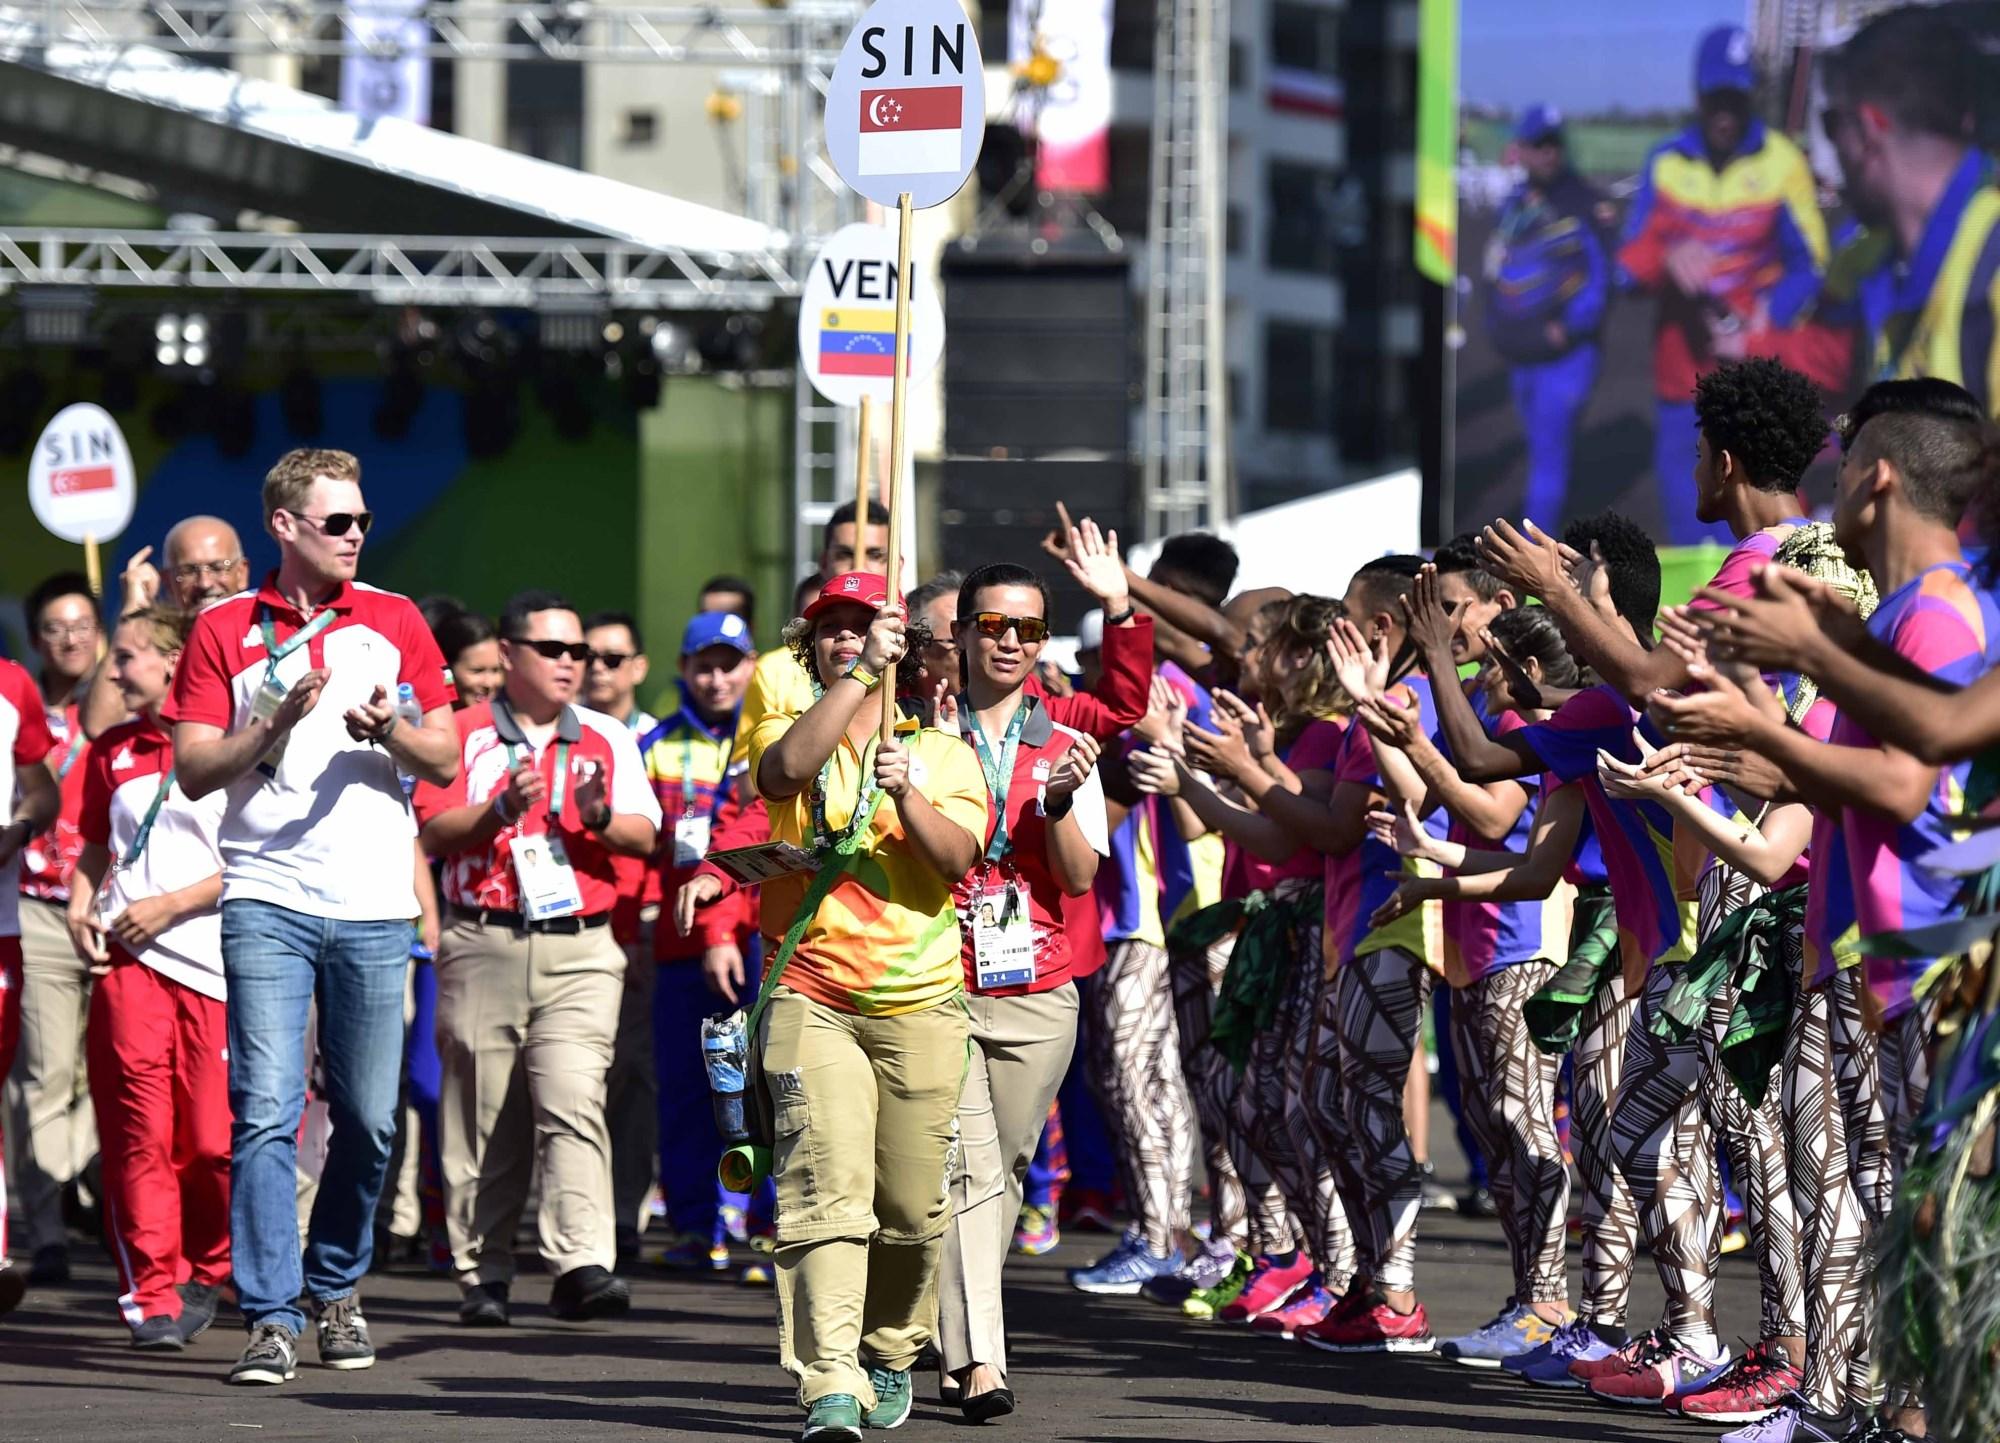 8月2日,舞蹈演员表演巴西特色舞蹈欢送参加升旗仪式的各代表团。新华社图片。